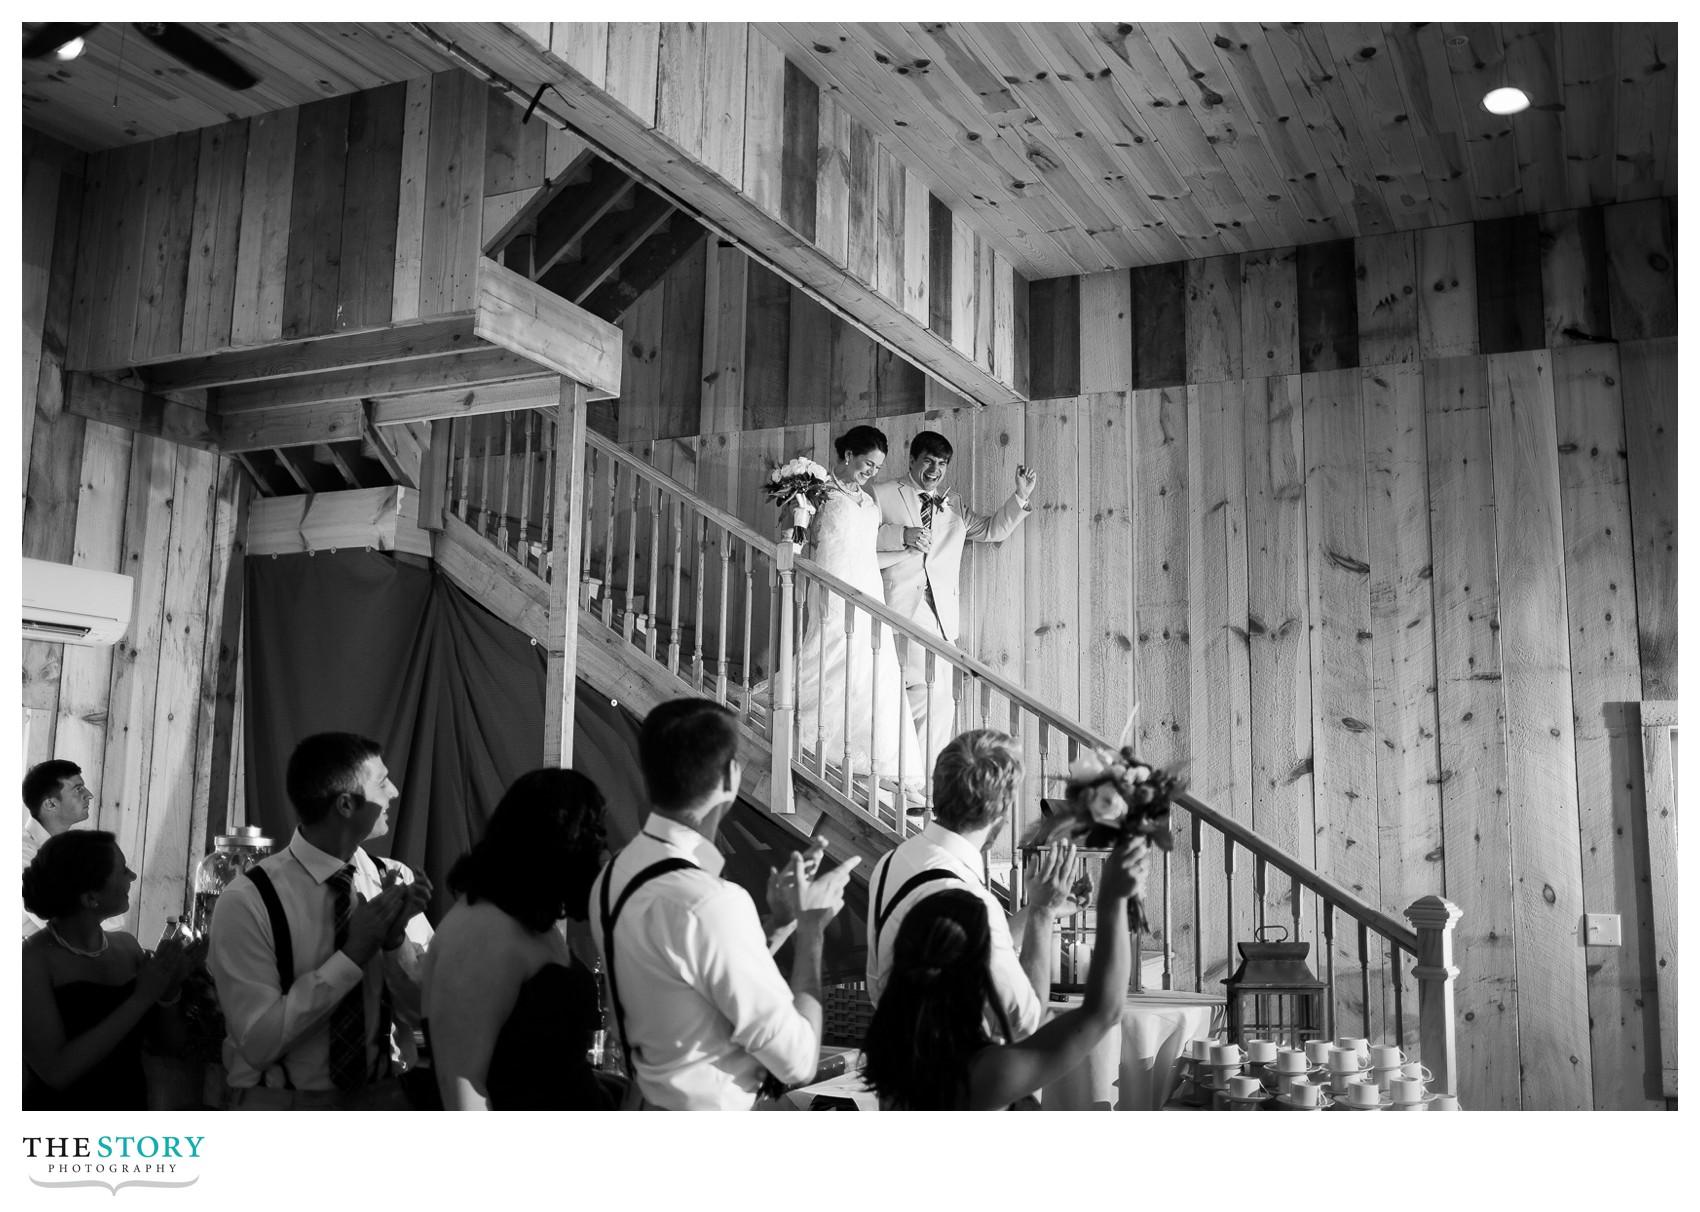 upstate, NY barn wedding reception